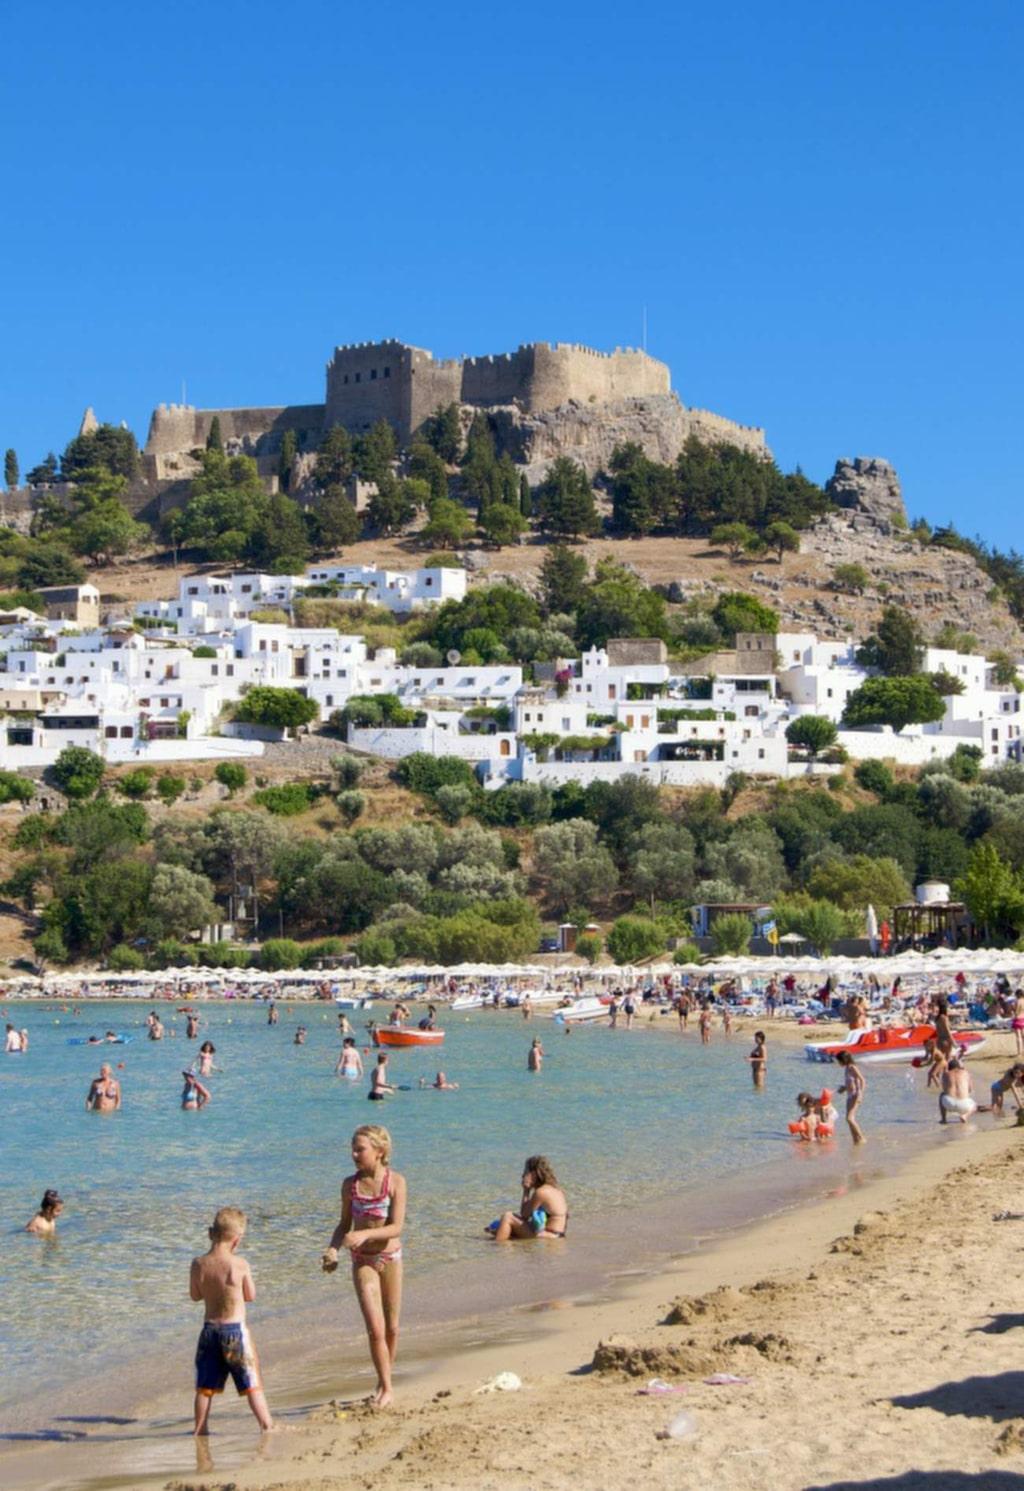 Lindos är en pittoresk by med vita hus som klänger ned för berget under Akropolis-borgens fina panorama.